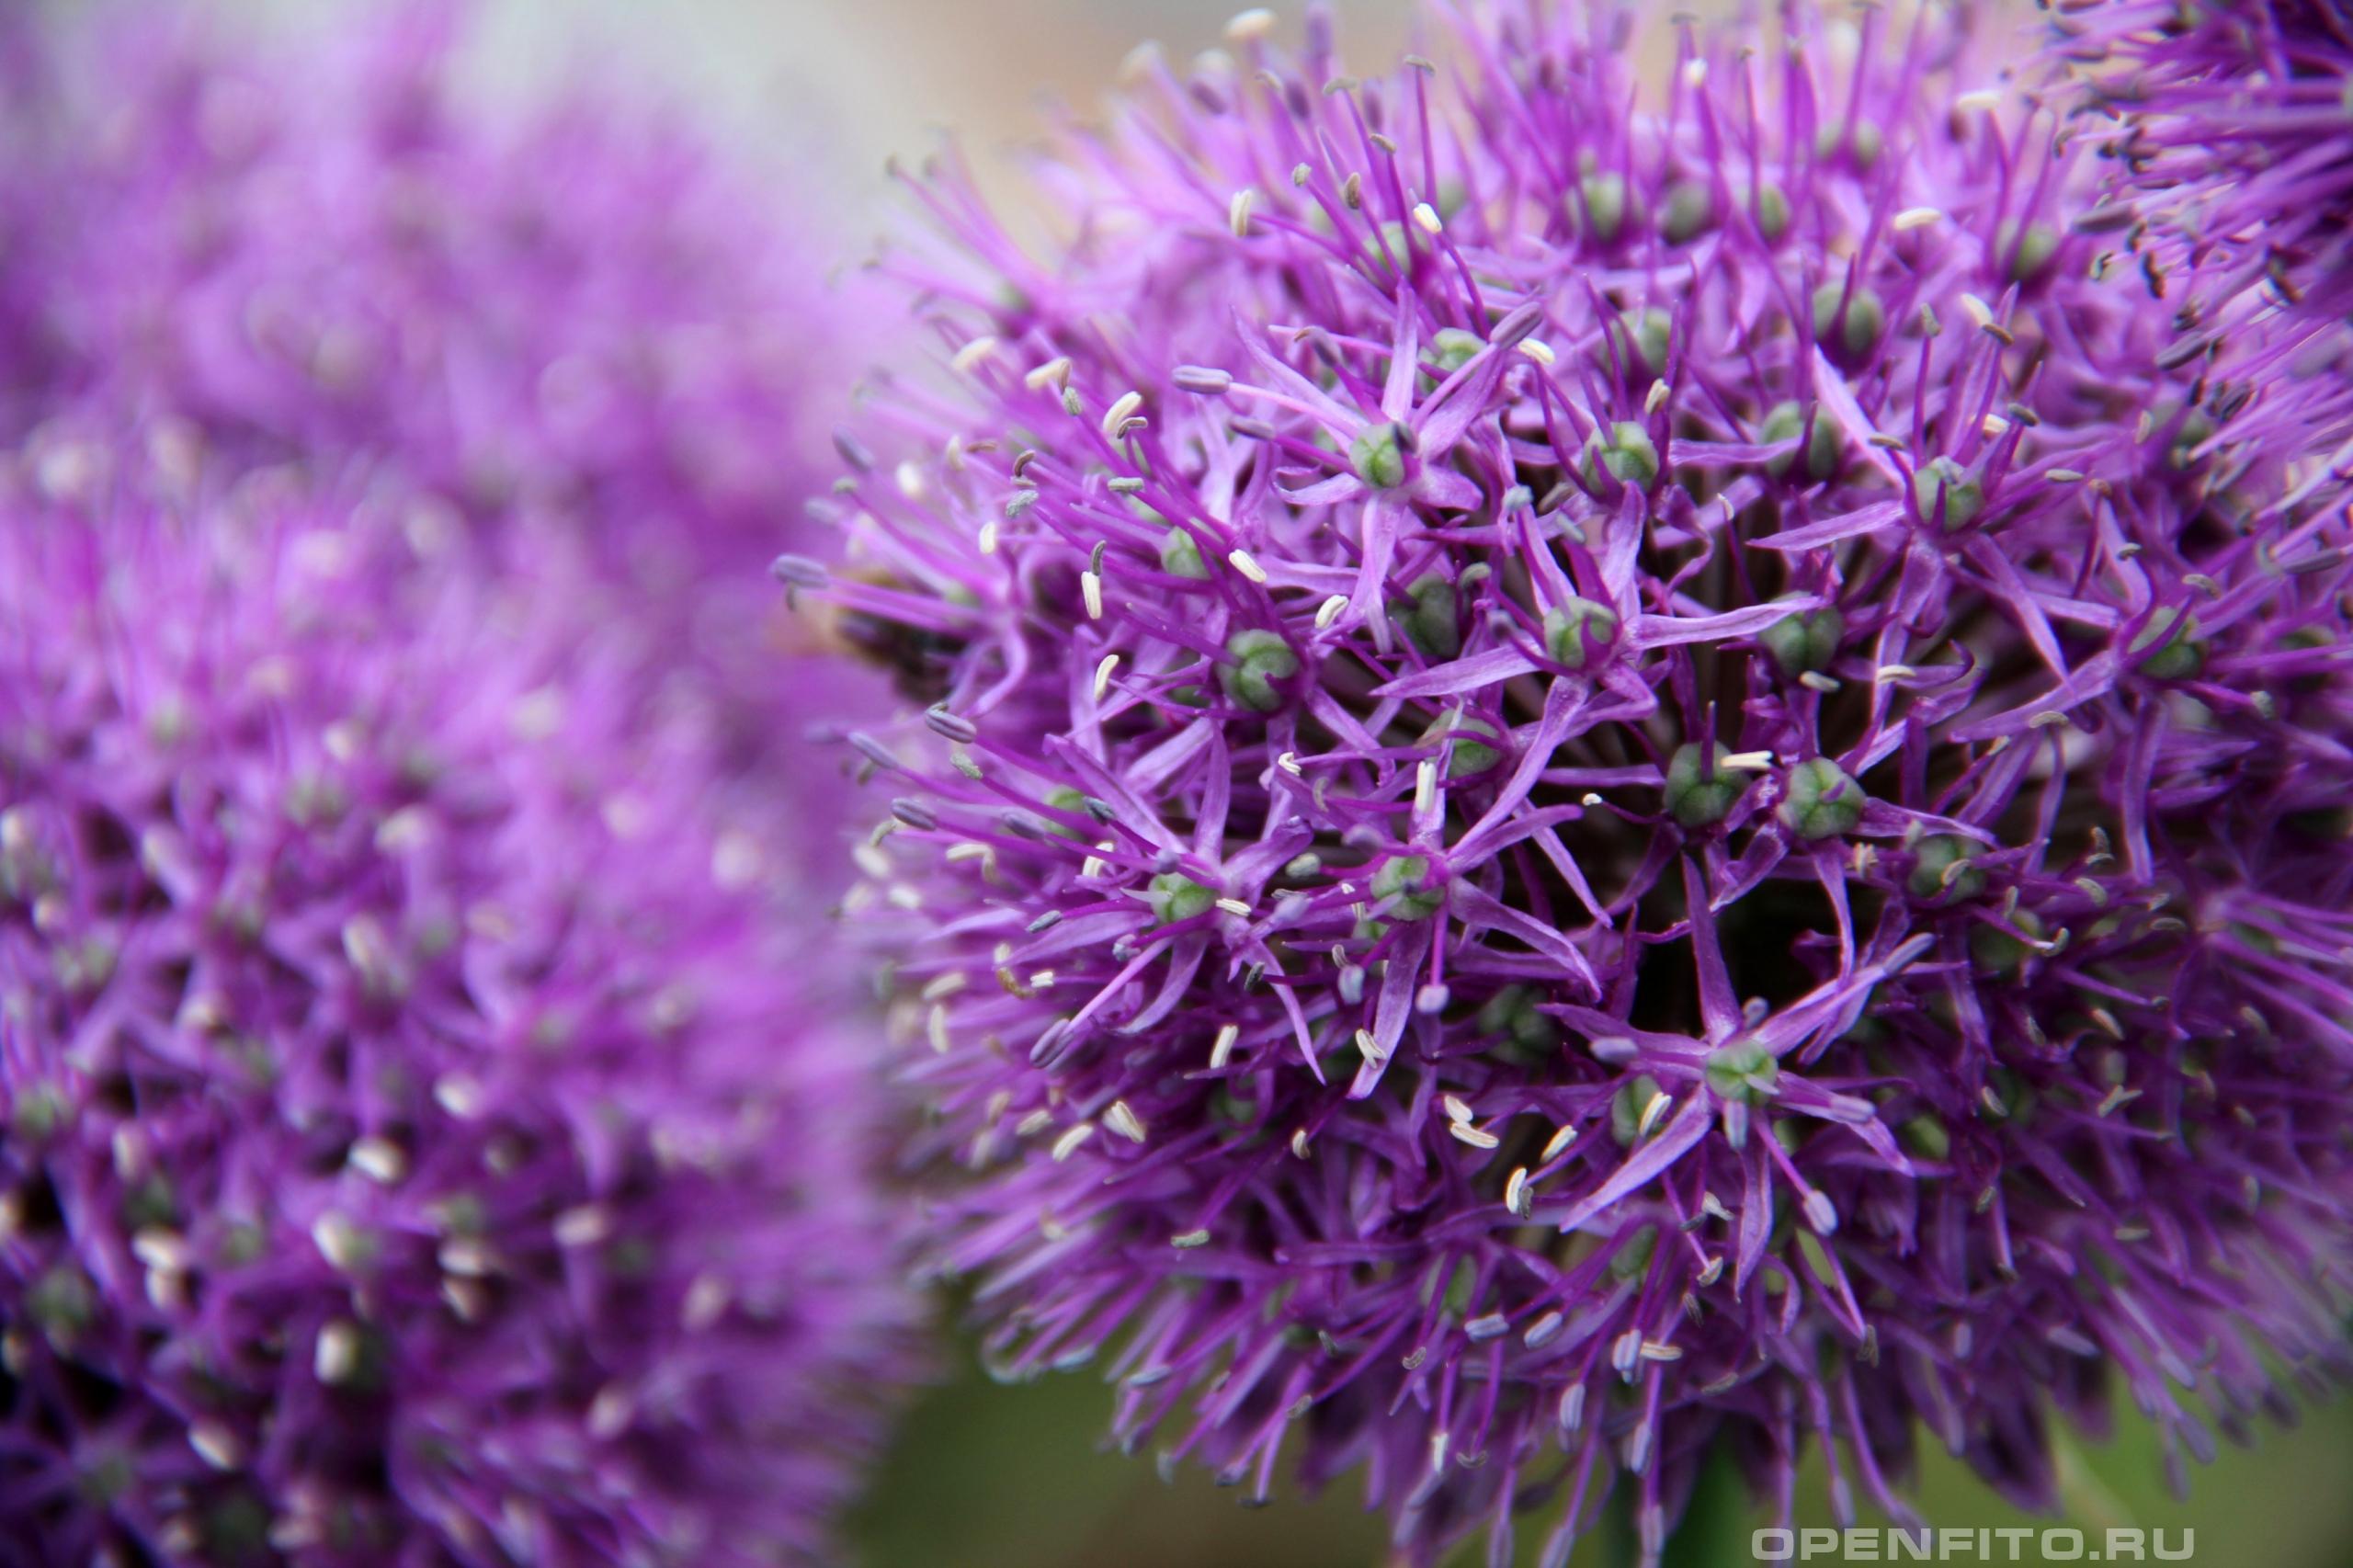 Лук афлатунский большие соцветия лука